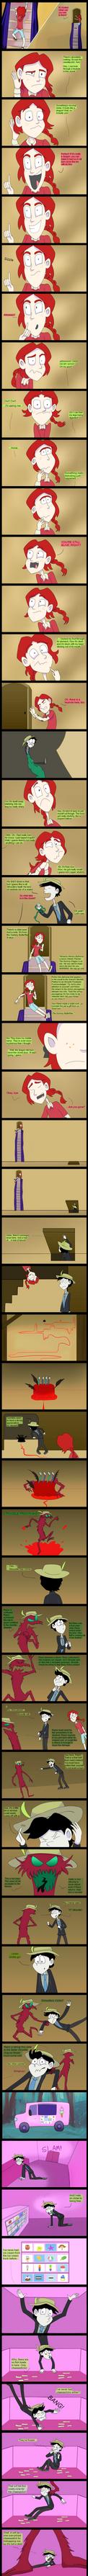 Part 2 Stroodle's Defeat